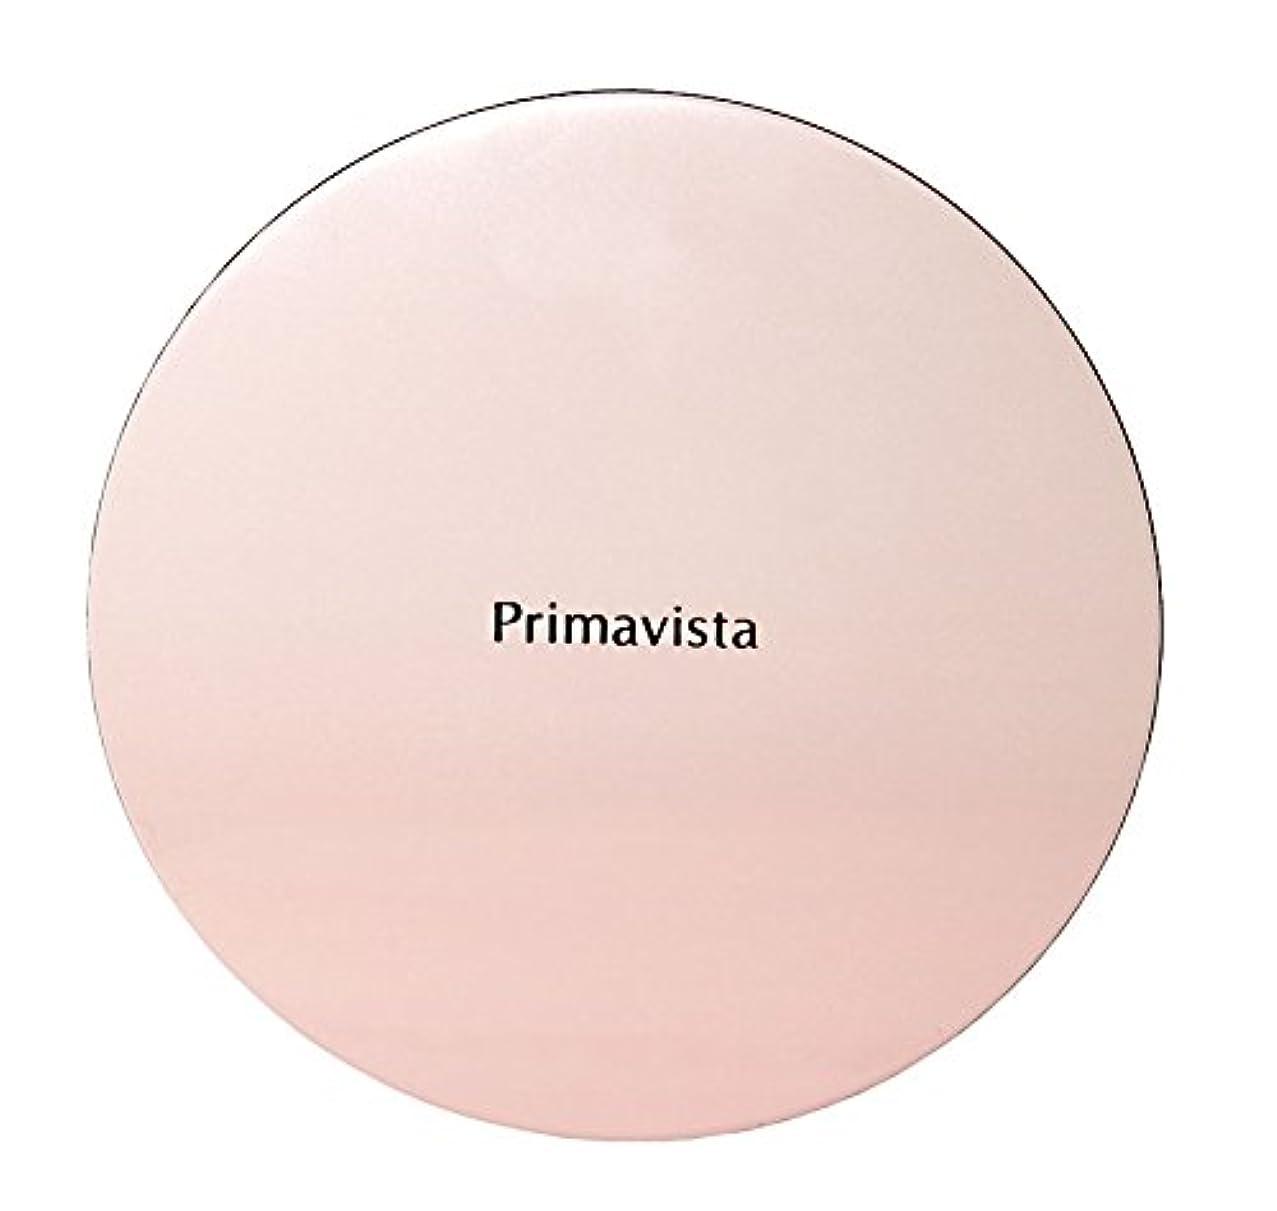 アソシエイト品種乱れプリマヴィスタ クリーミィコンパクトファンデーションケース